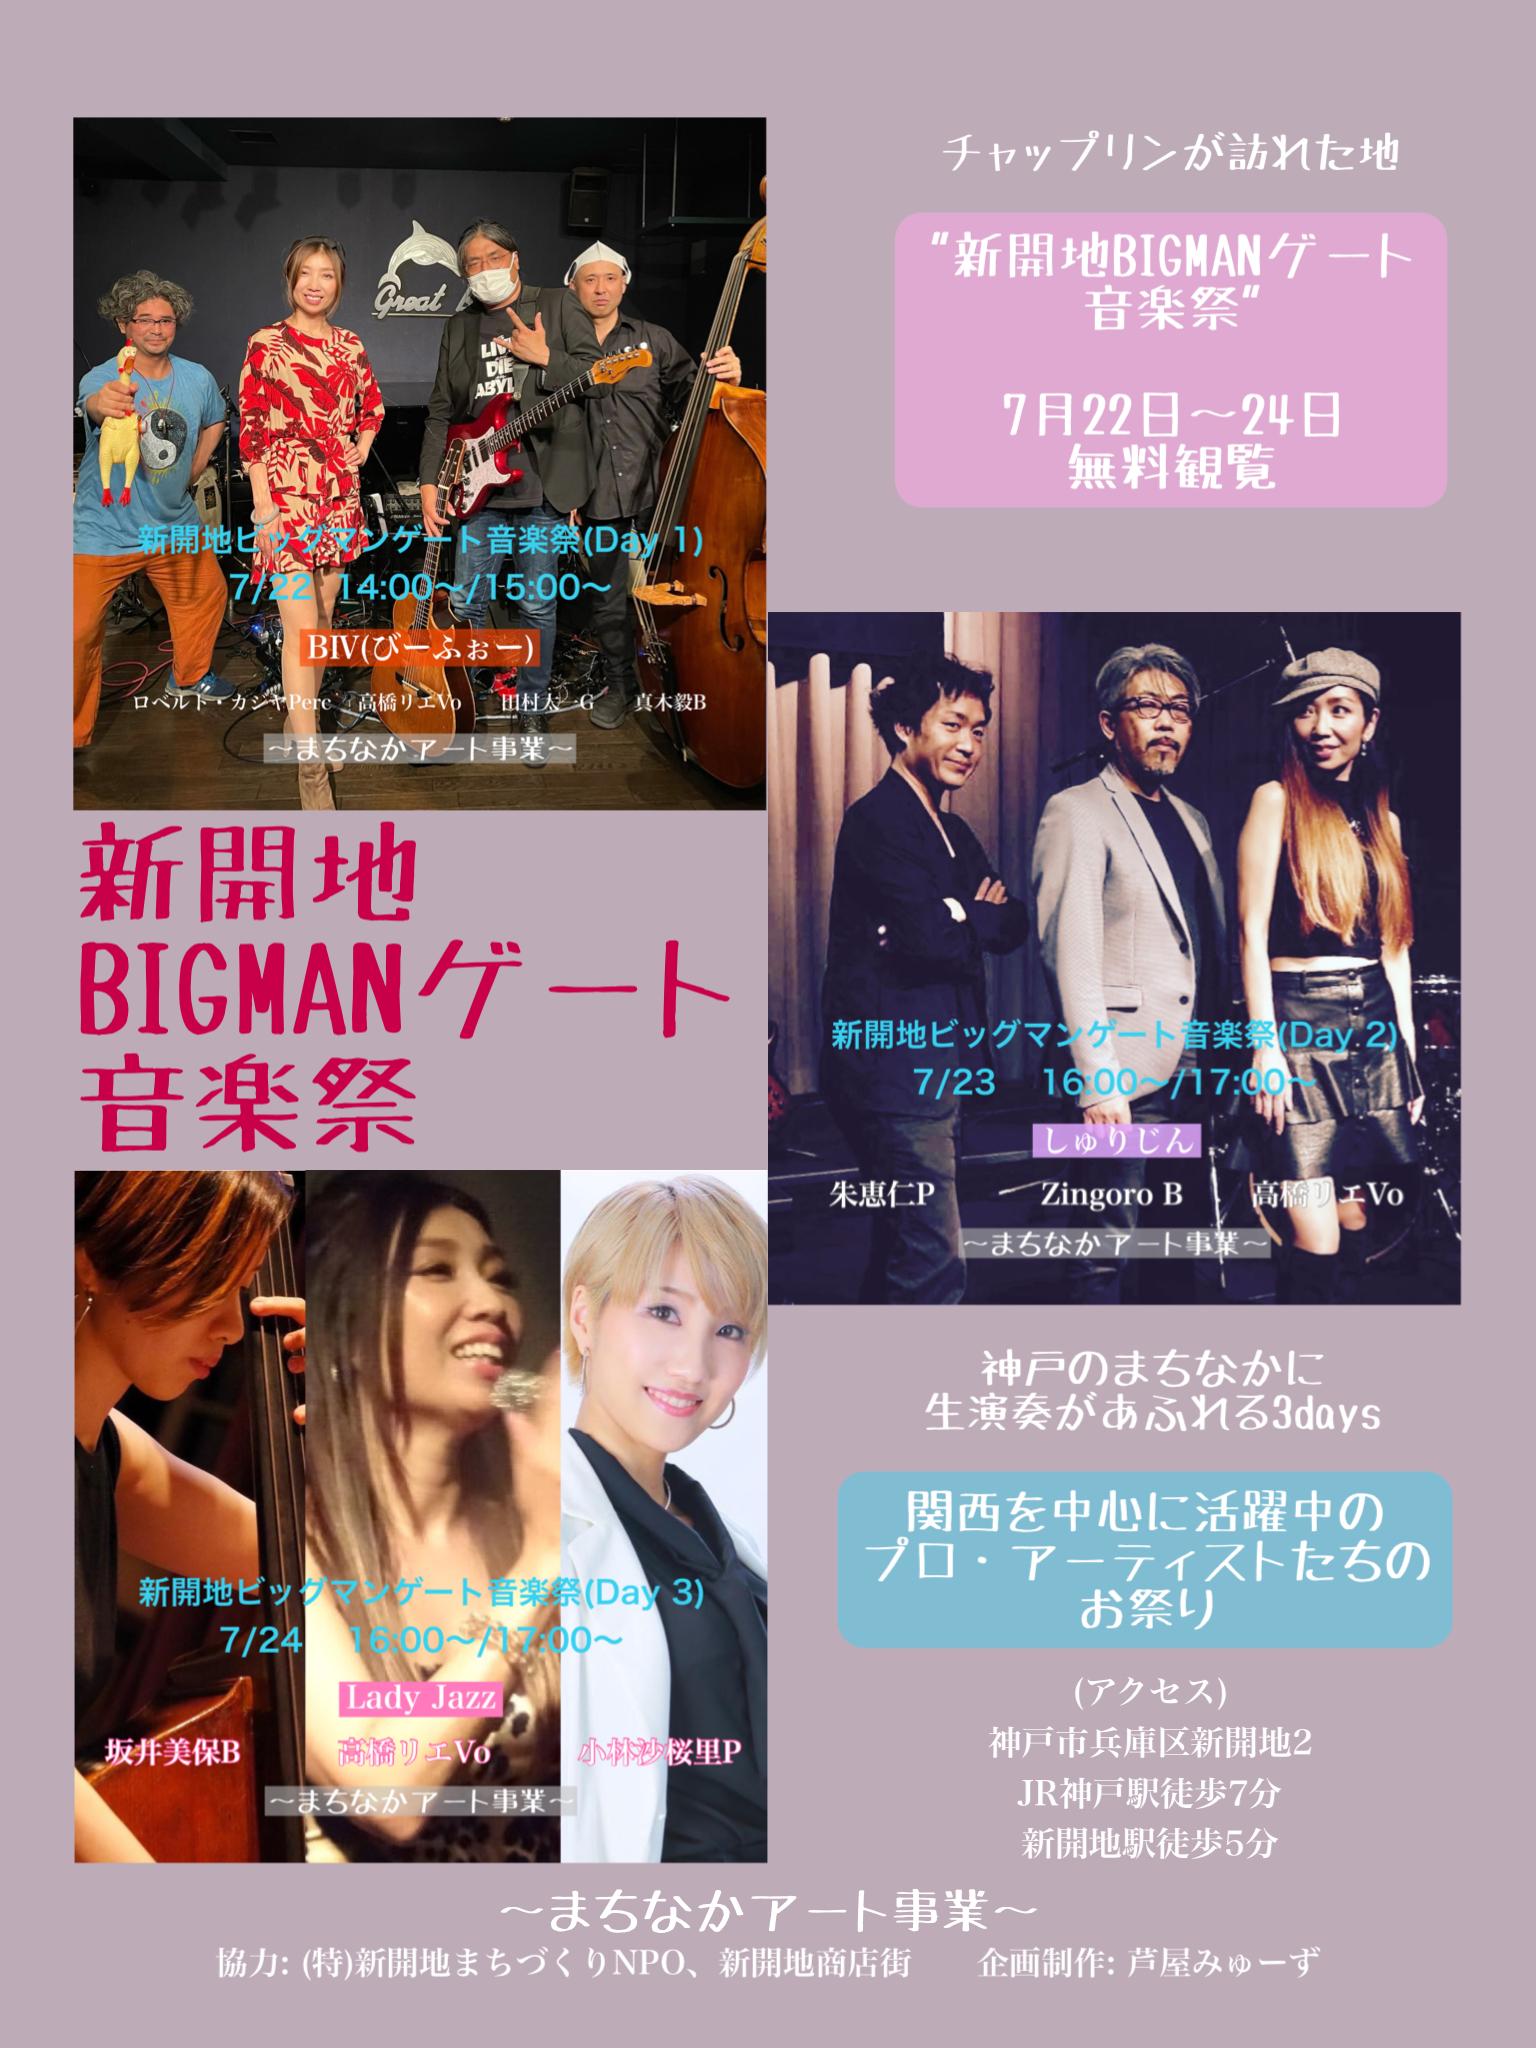 【新開地BIGMANゲート音楽祭】ジャズヴォーカルクィーン高橋リエ凱旋!